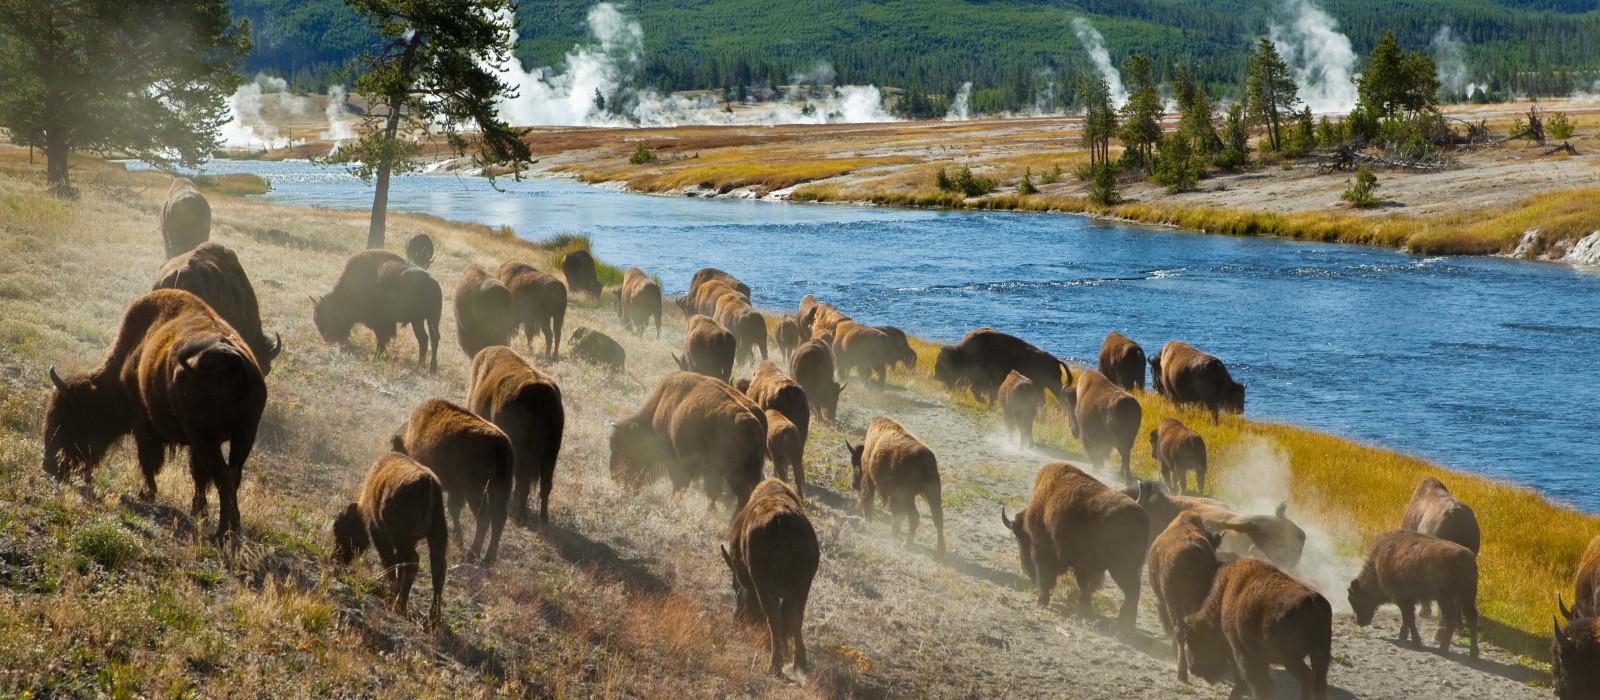 Reiseziel Yellowstone Nationalpark USA